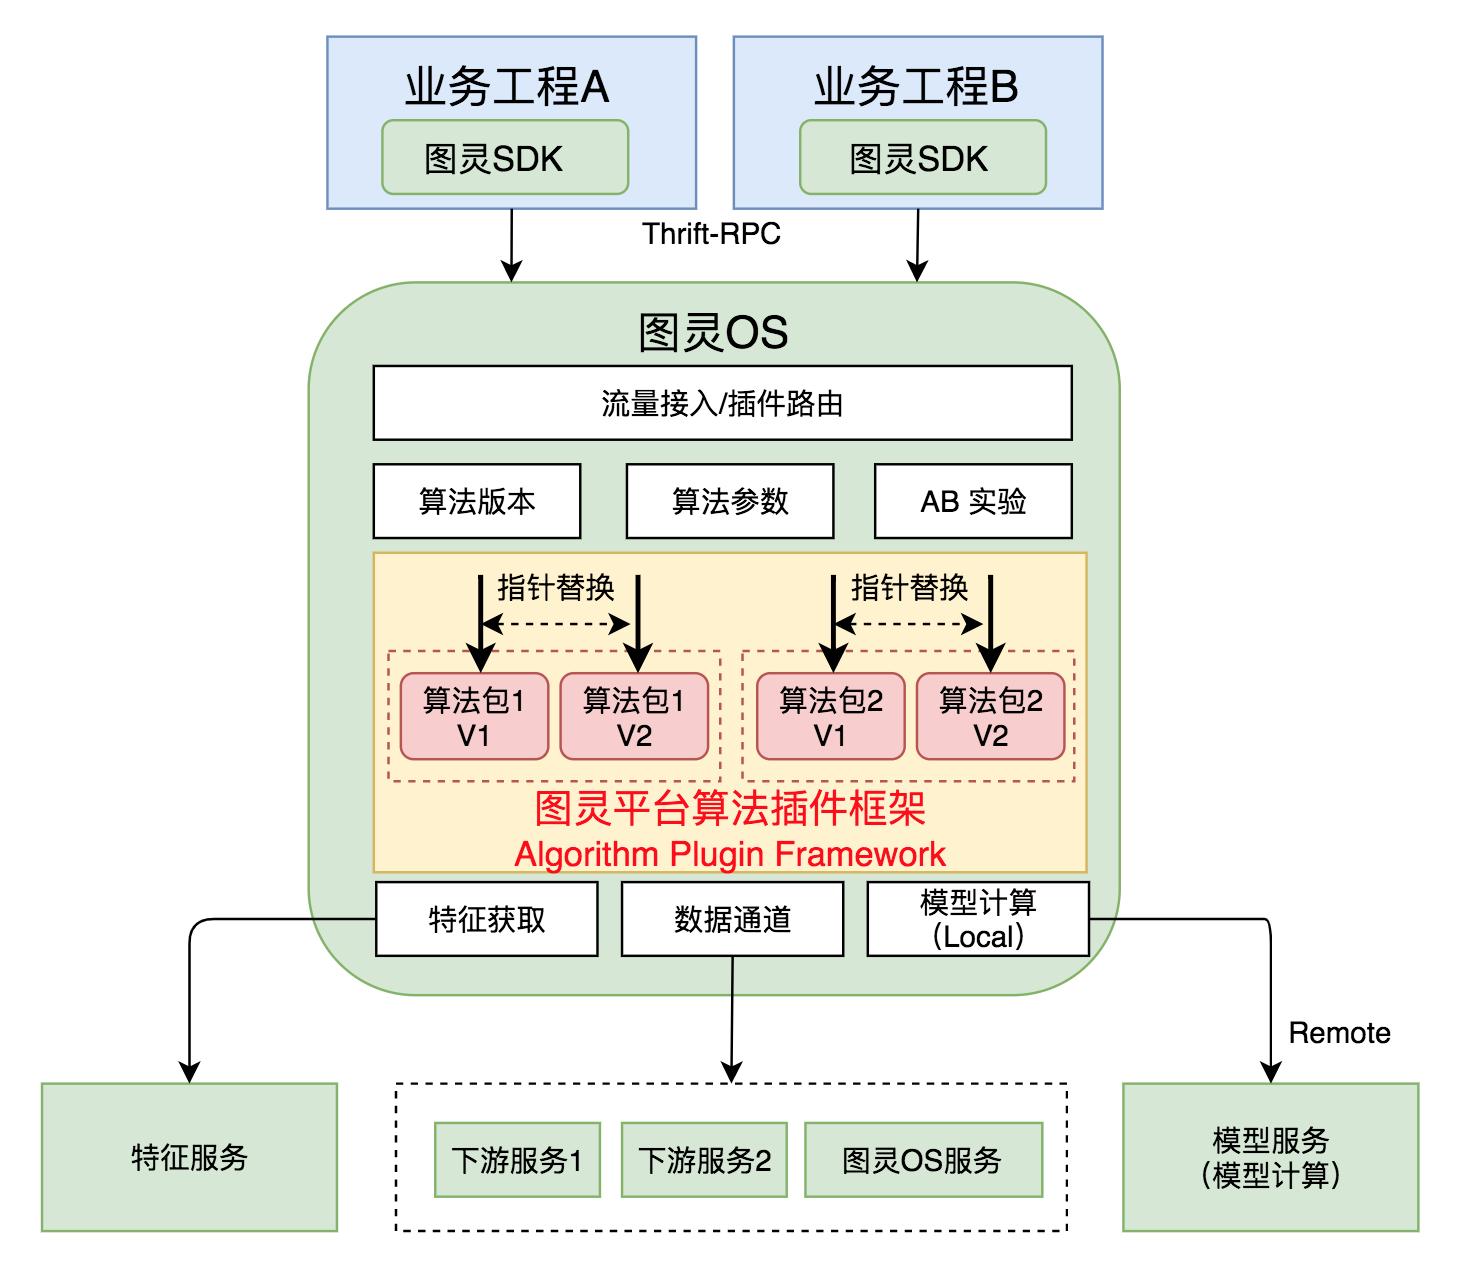 图7 图灵OS容器化-算法插件化示意图